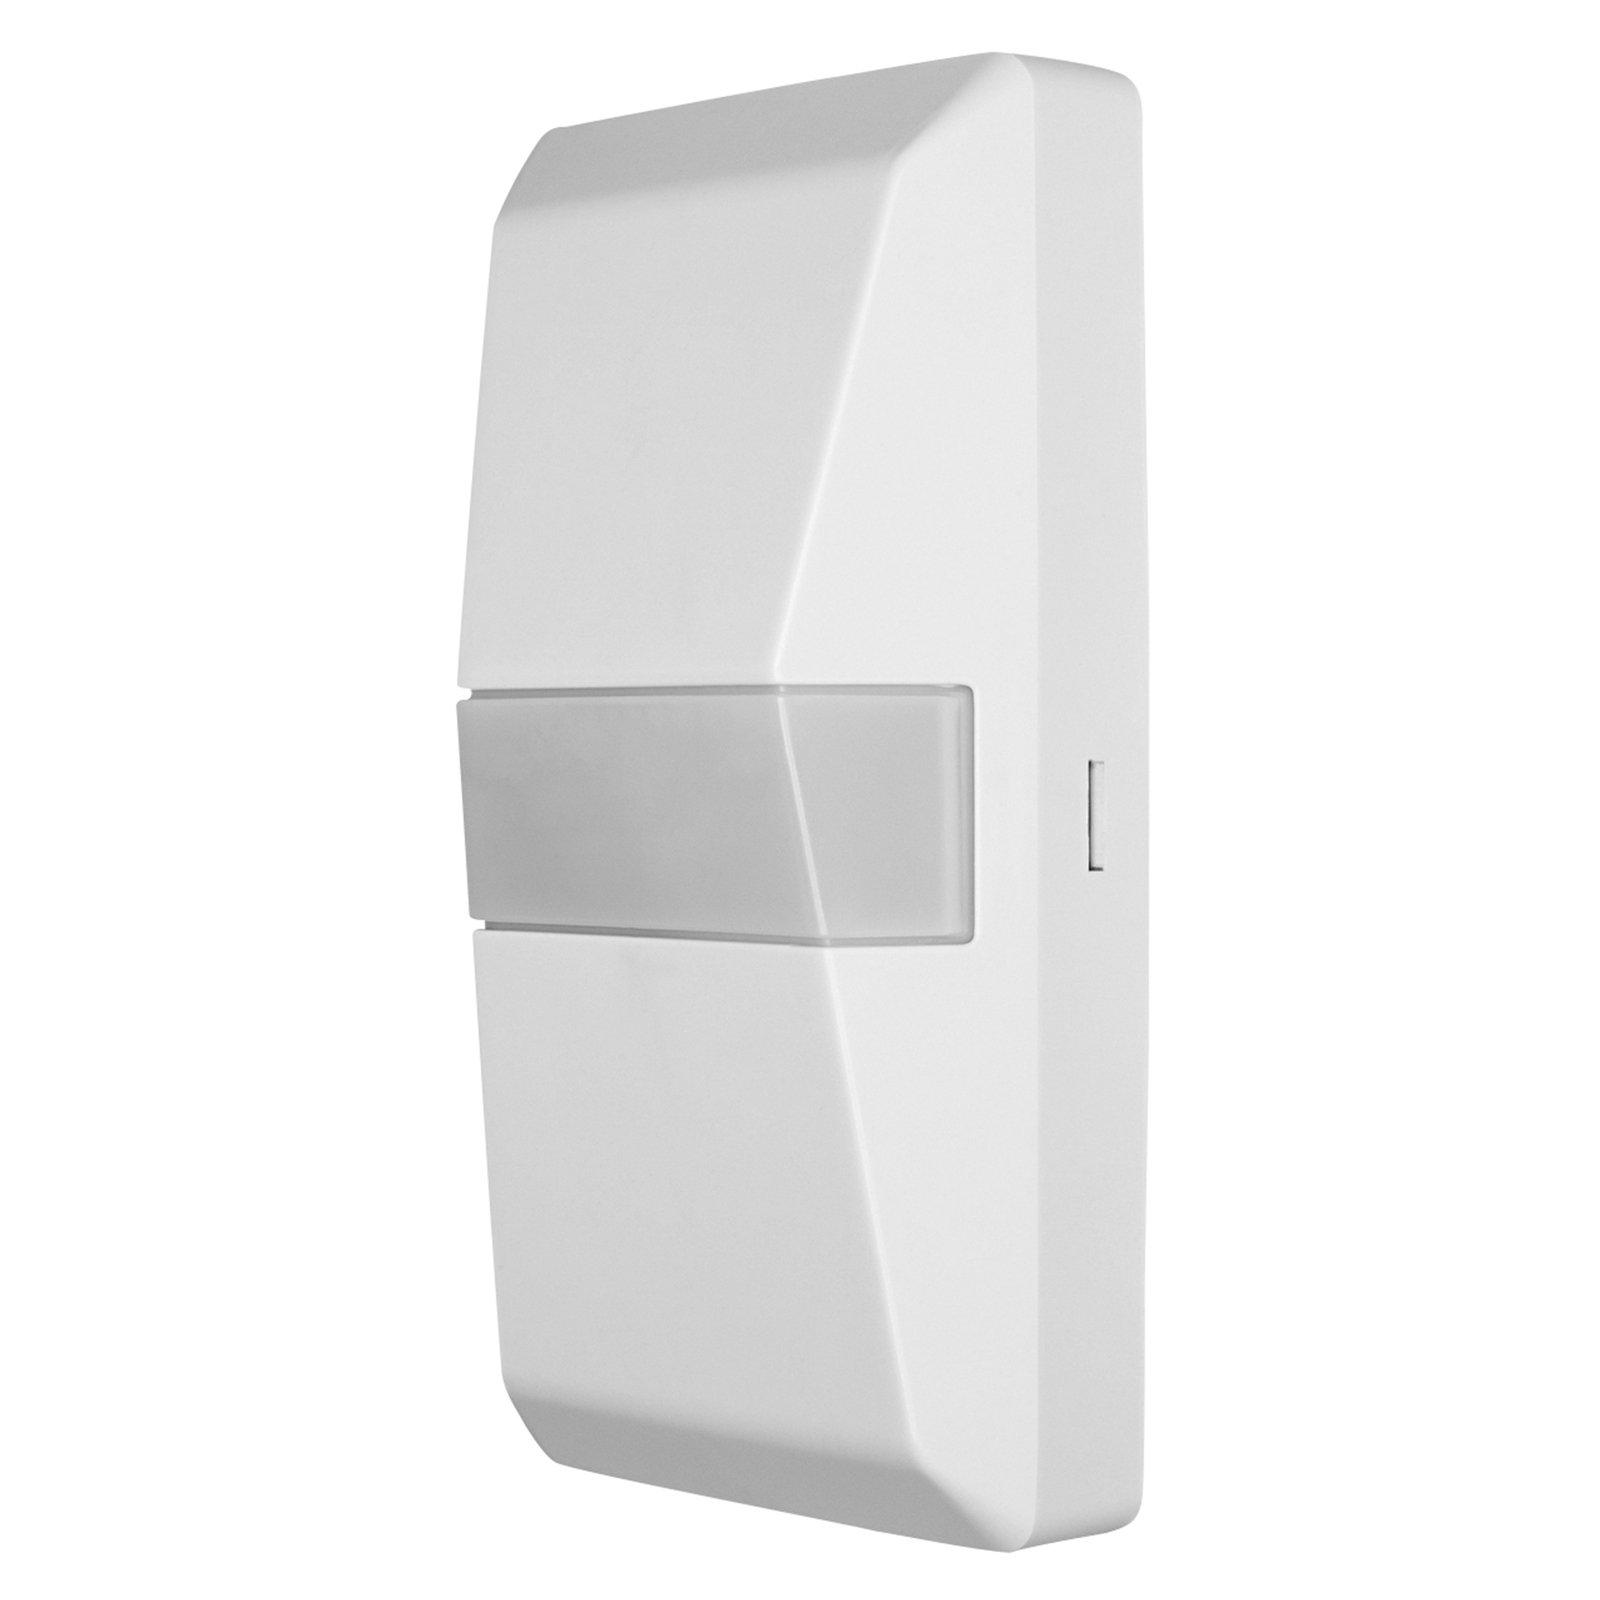 LEDVANCE Endura Pro UpDown Sensor hvit